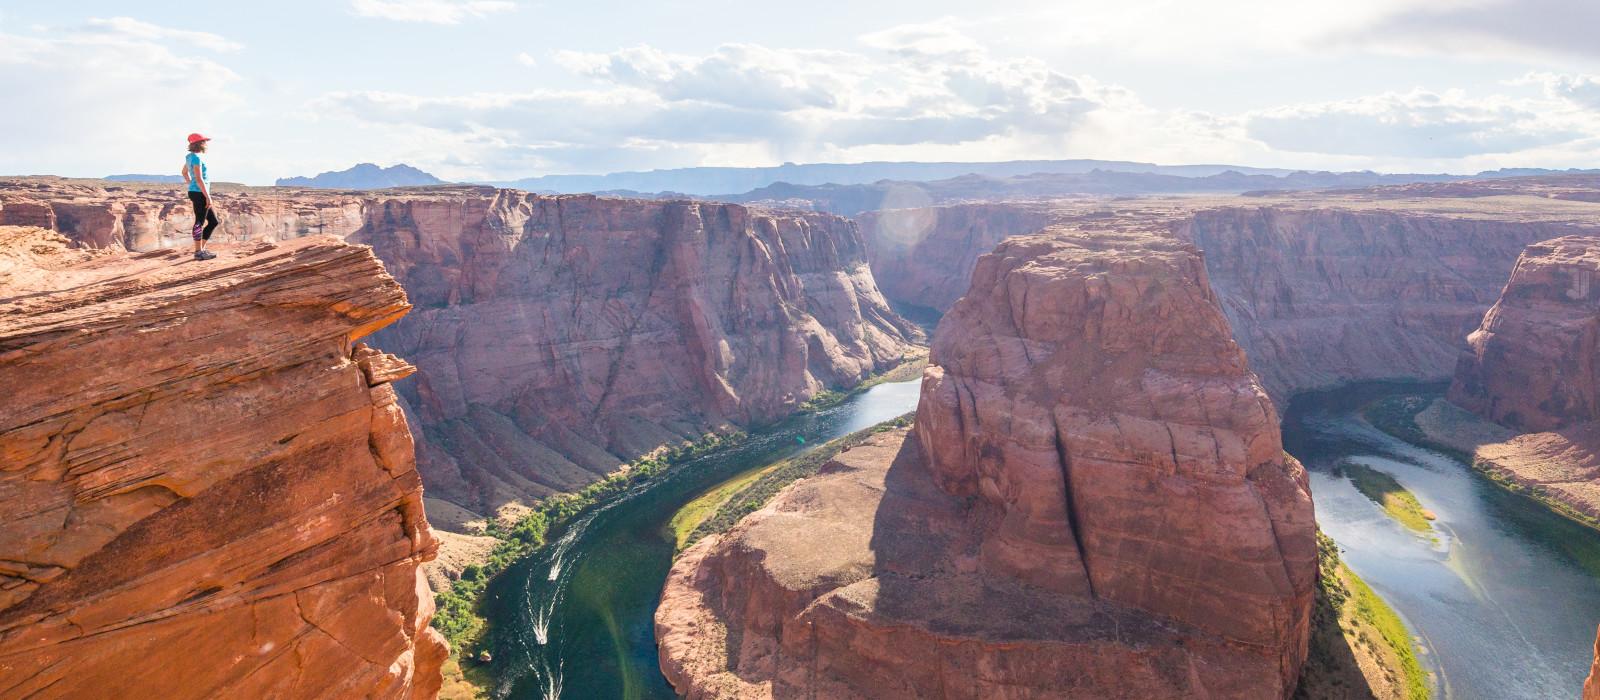 Destination Grand Canyon National Park USA